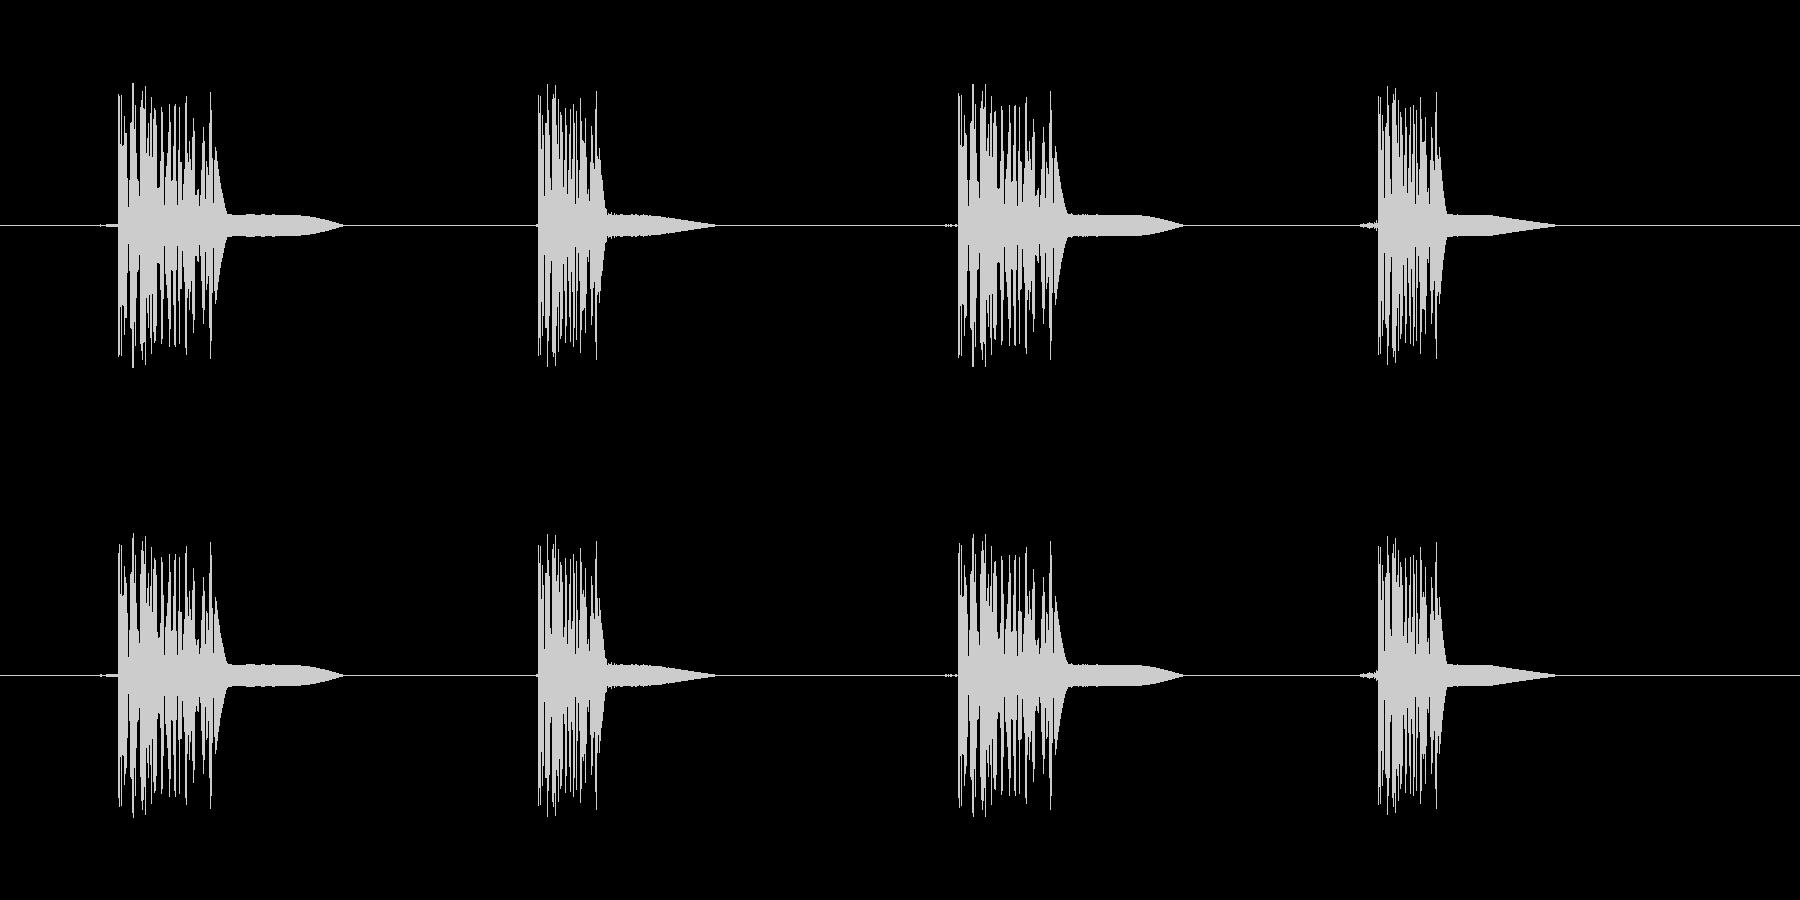 ファミコン系歩く音04 ループ トコトコの未再生の波形